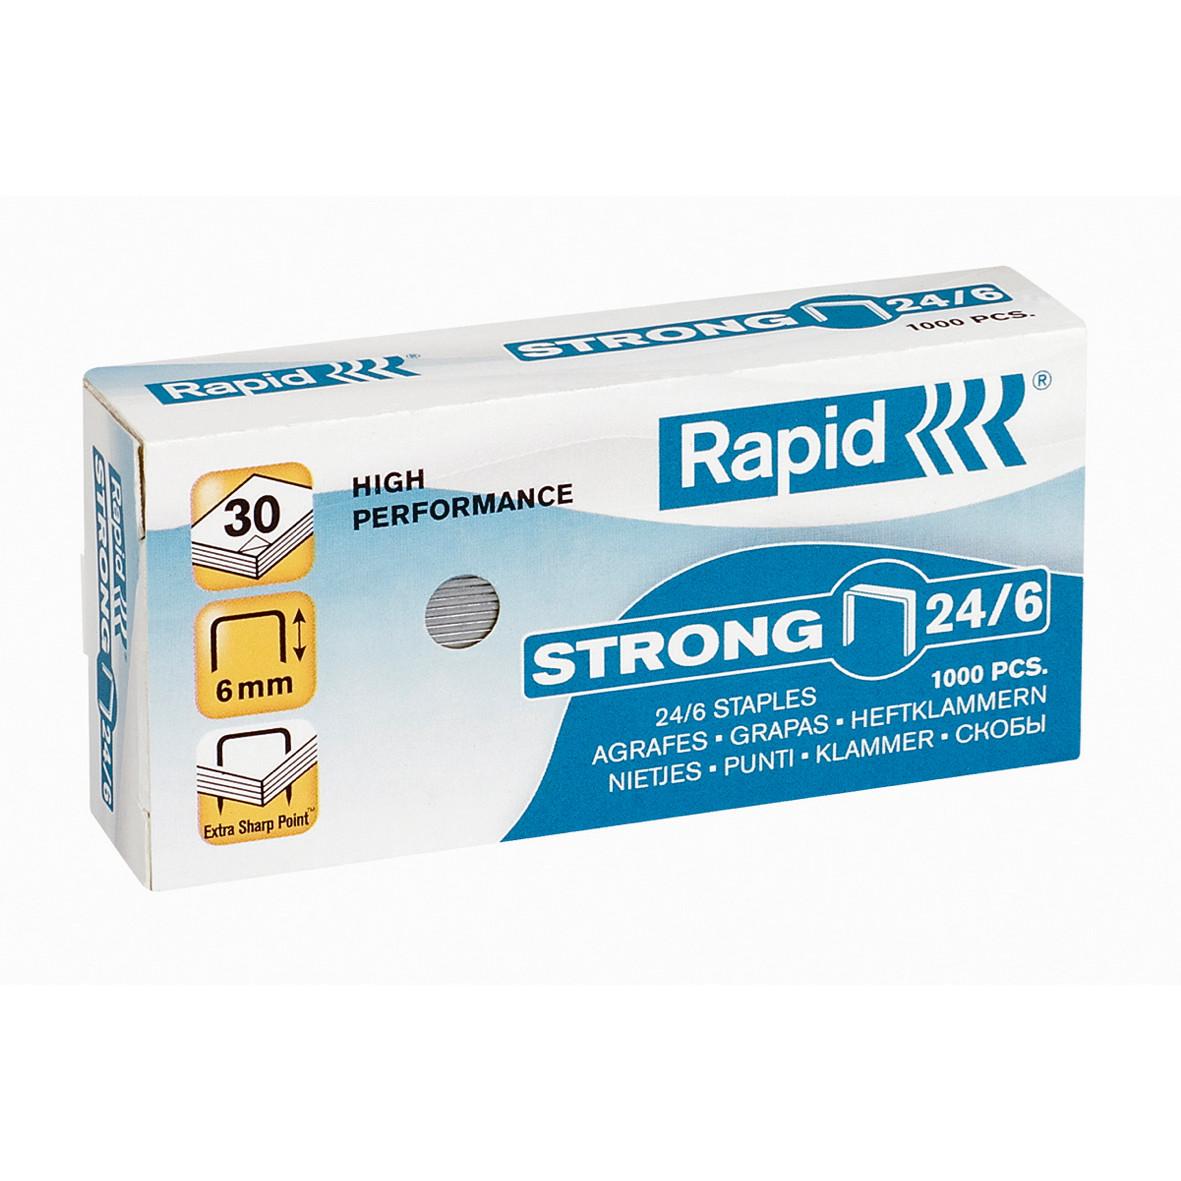 Hæfteklammer Rapid Strong 24/6 - galvaniseret 1000 stk i æske